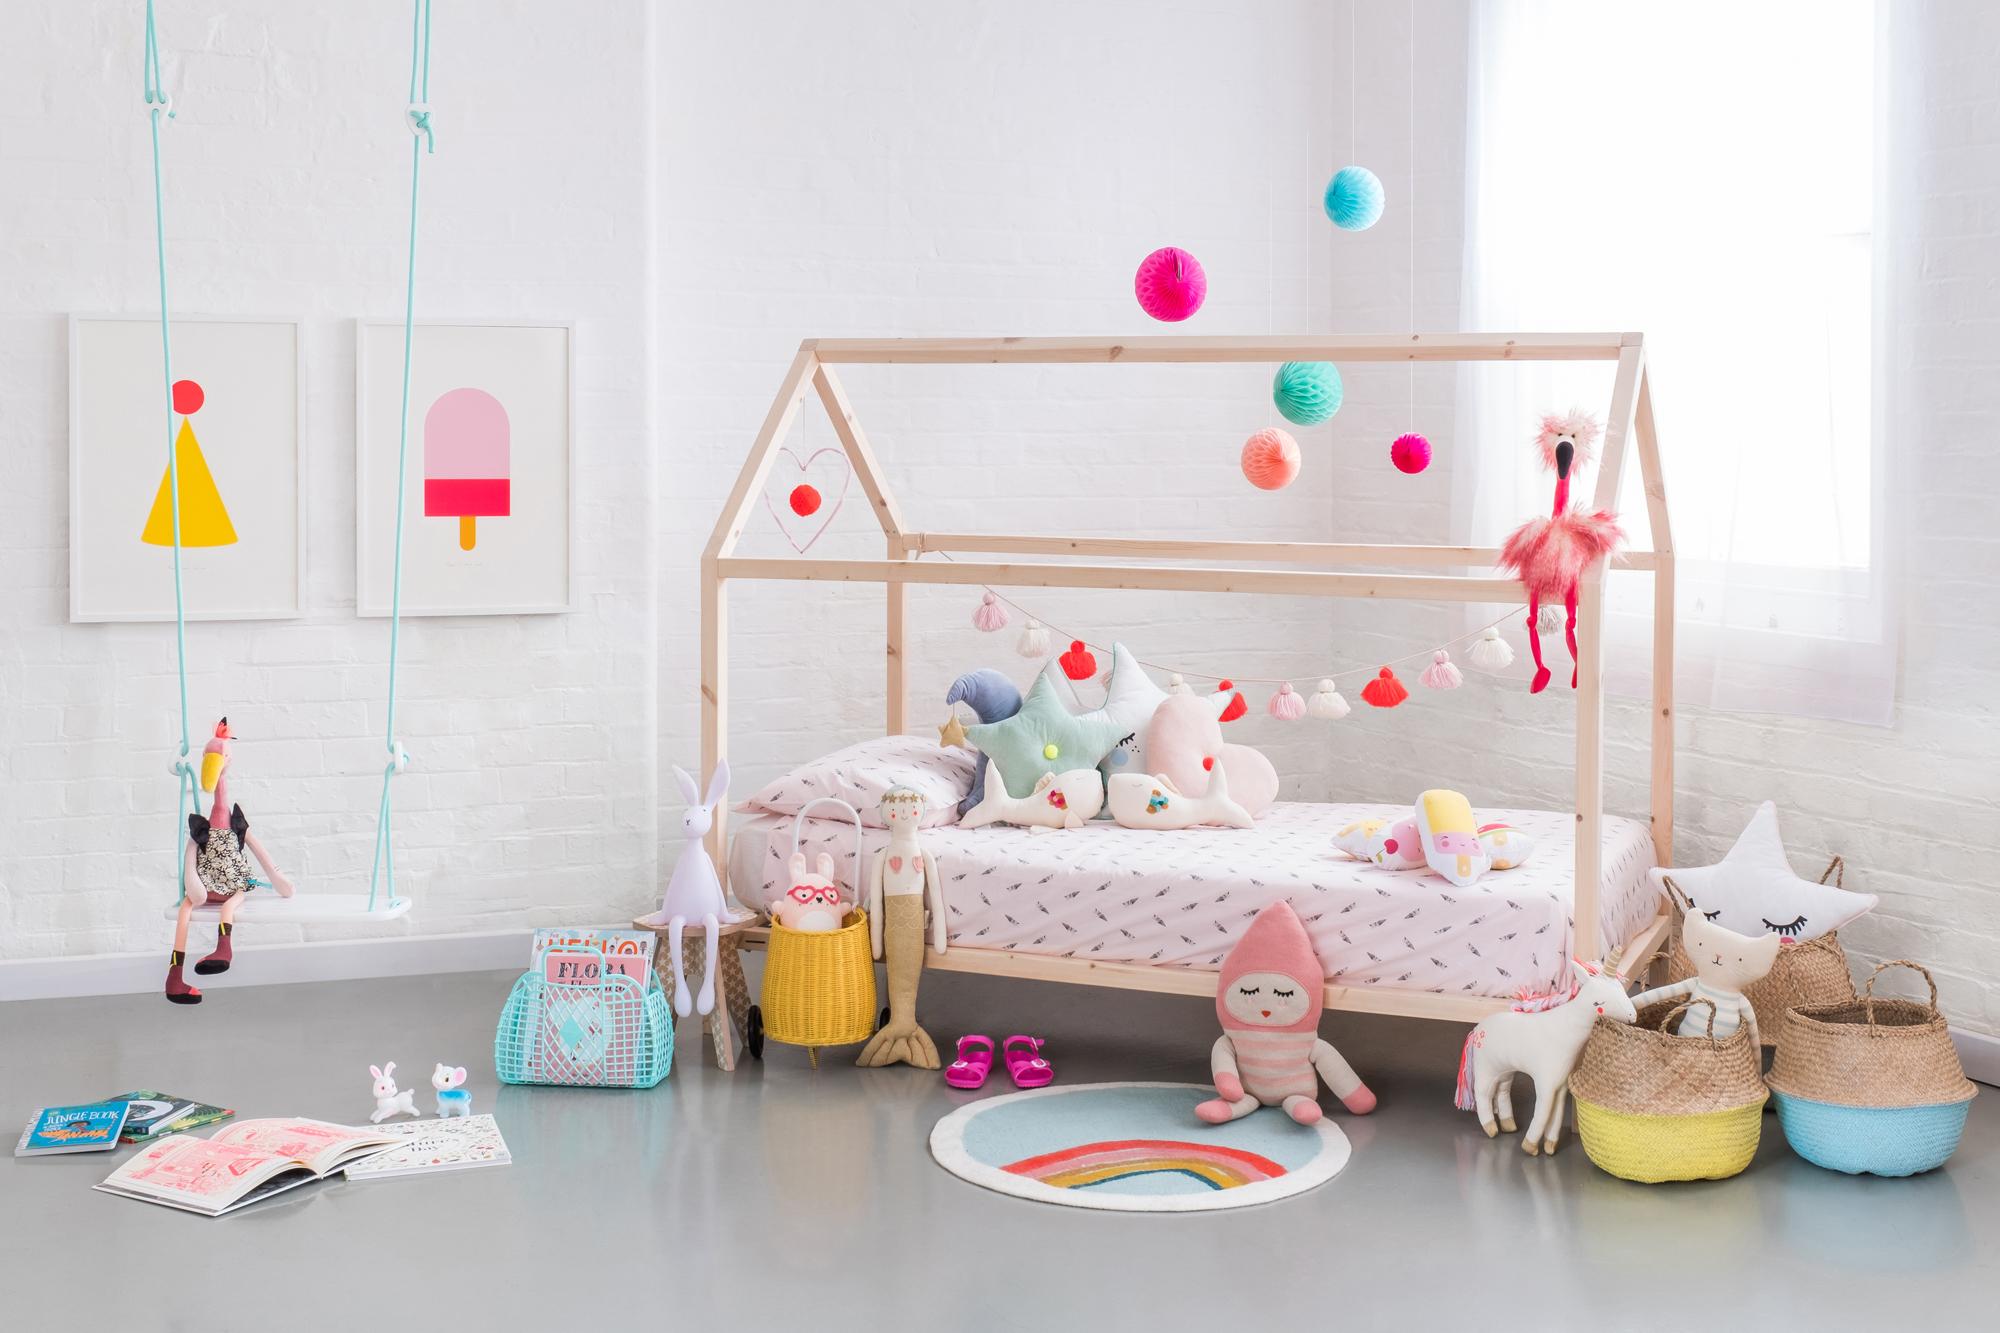 House bed frame  - from £249 - Bobby Rabbit (Junior:169cm x 79cm / Single:199cm x 99cm)